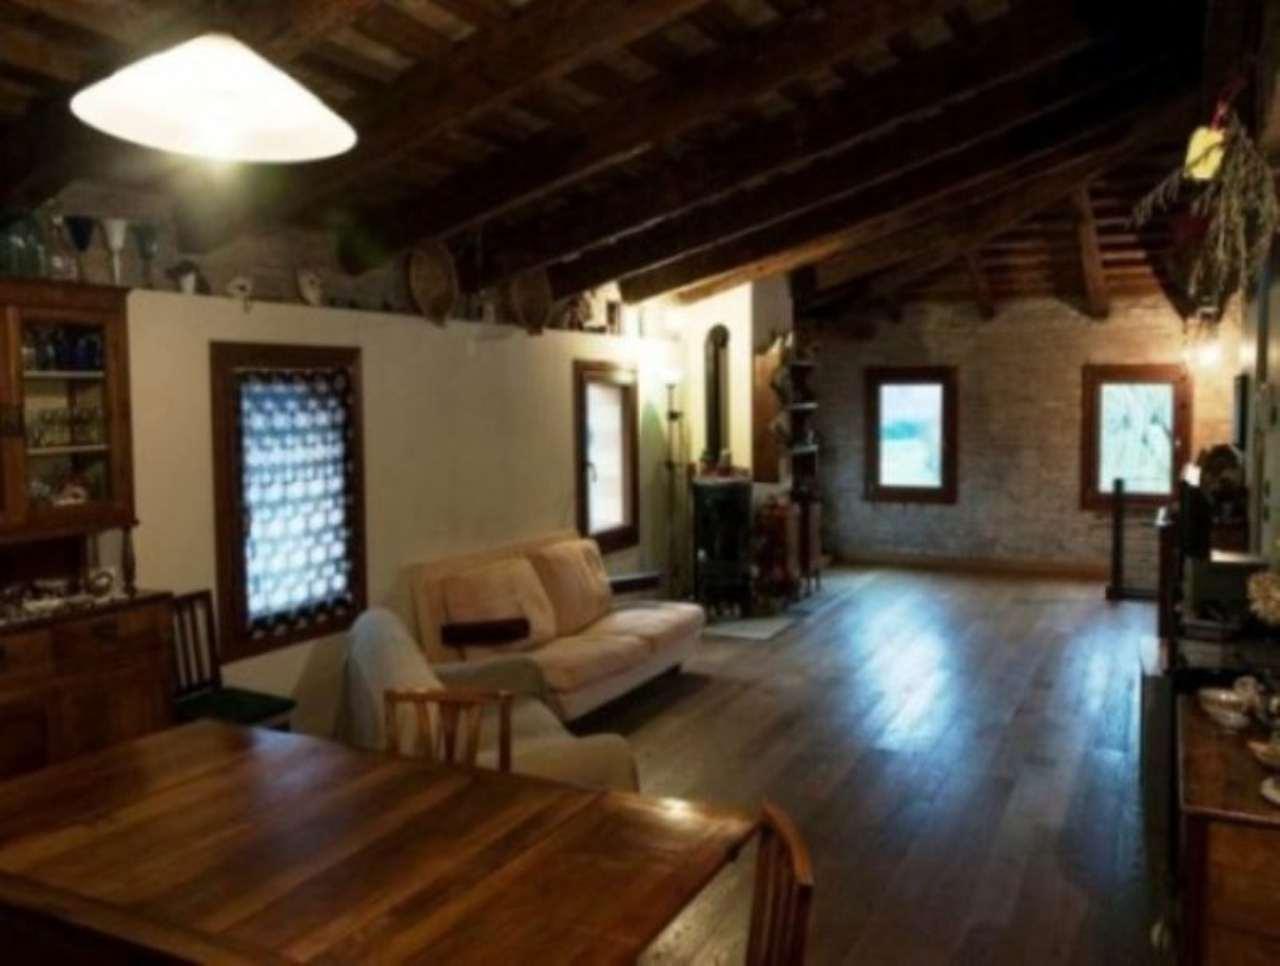 Rustico / Casale in vendita a Venezia, 6 locali, zona Zona: 13 . Zelarino, prezzo € 590.000 | Cambio Casa.it